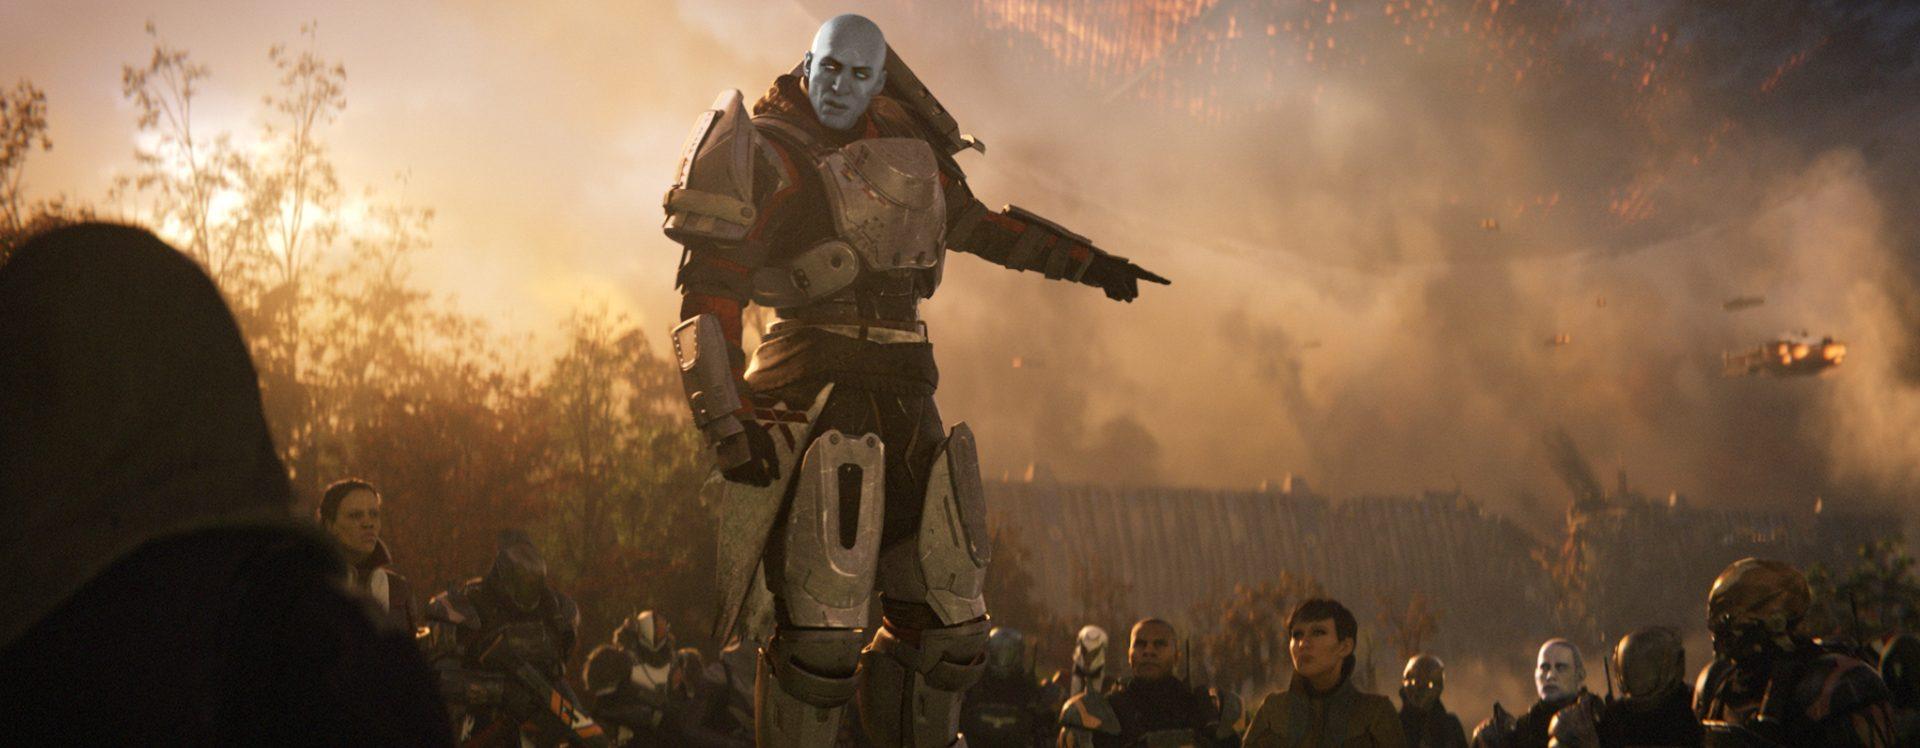 Destiny 2 stellt ultimative Herausforderung für Nightfalls vor – Das erwartet euch